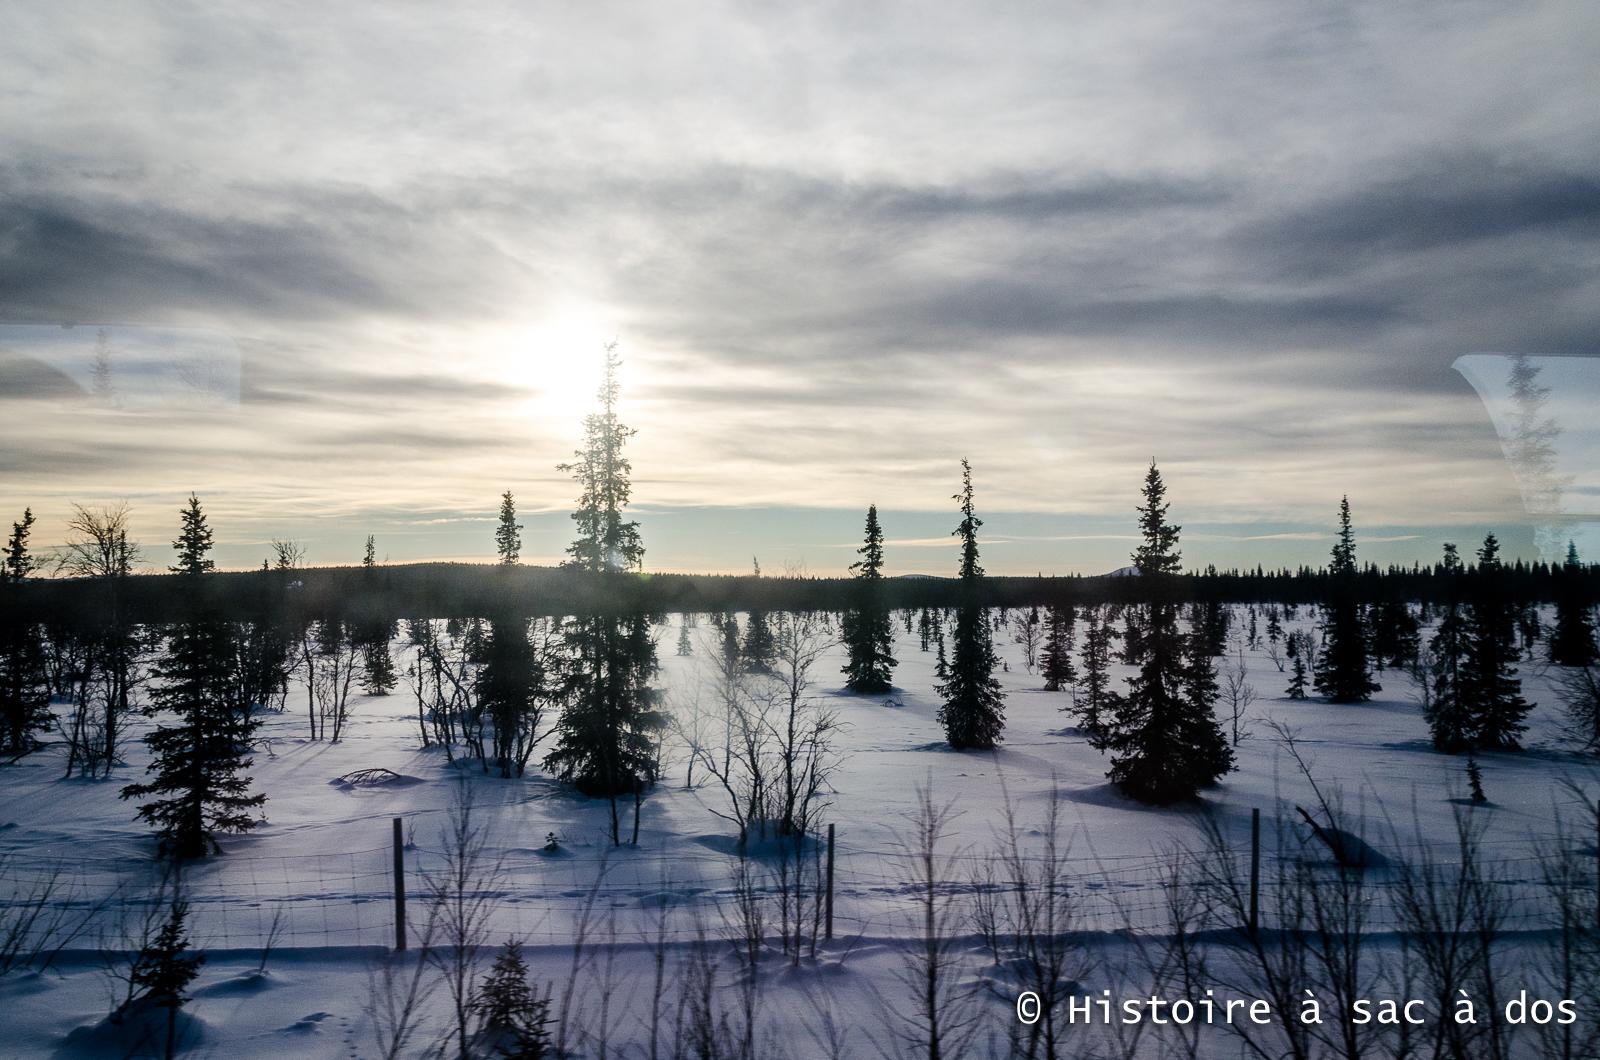 Nord de la Suède - Paysage enneigé vu du train